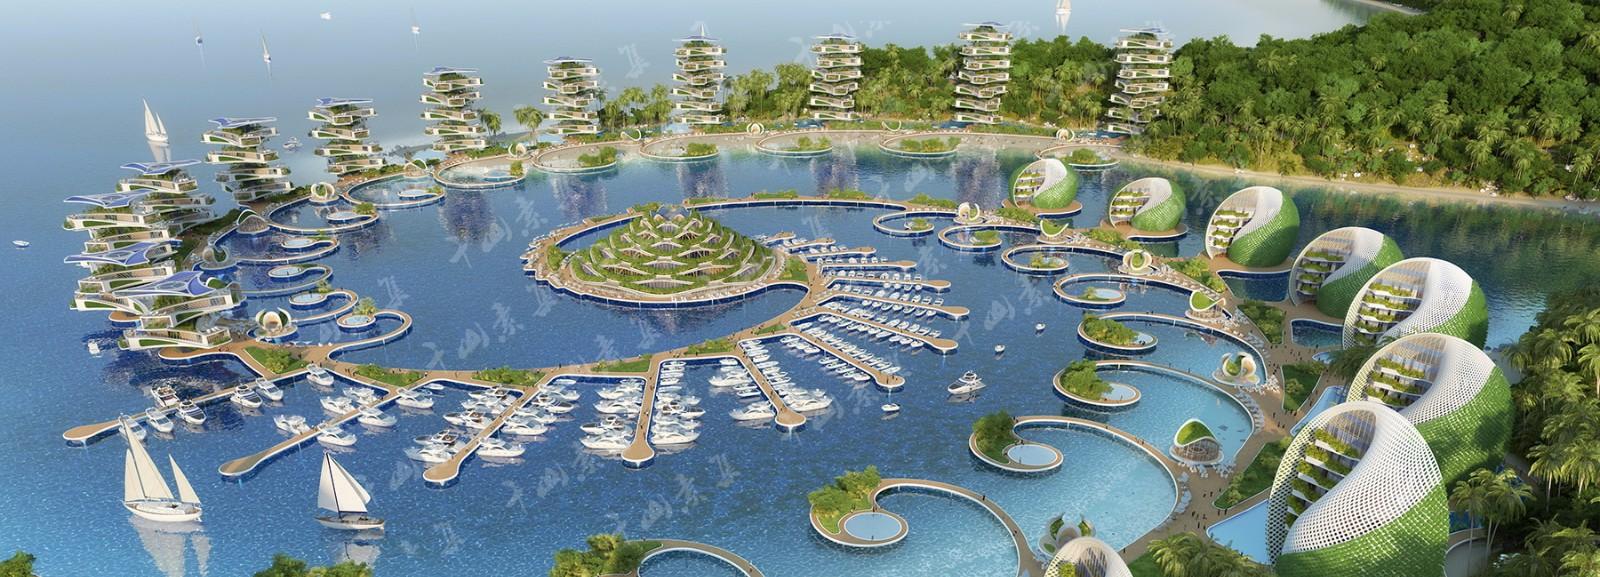 生態綠化,旅游勝地,城市設計